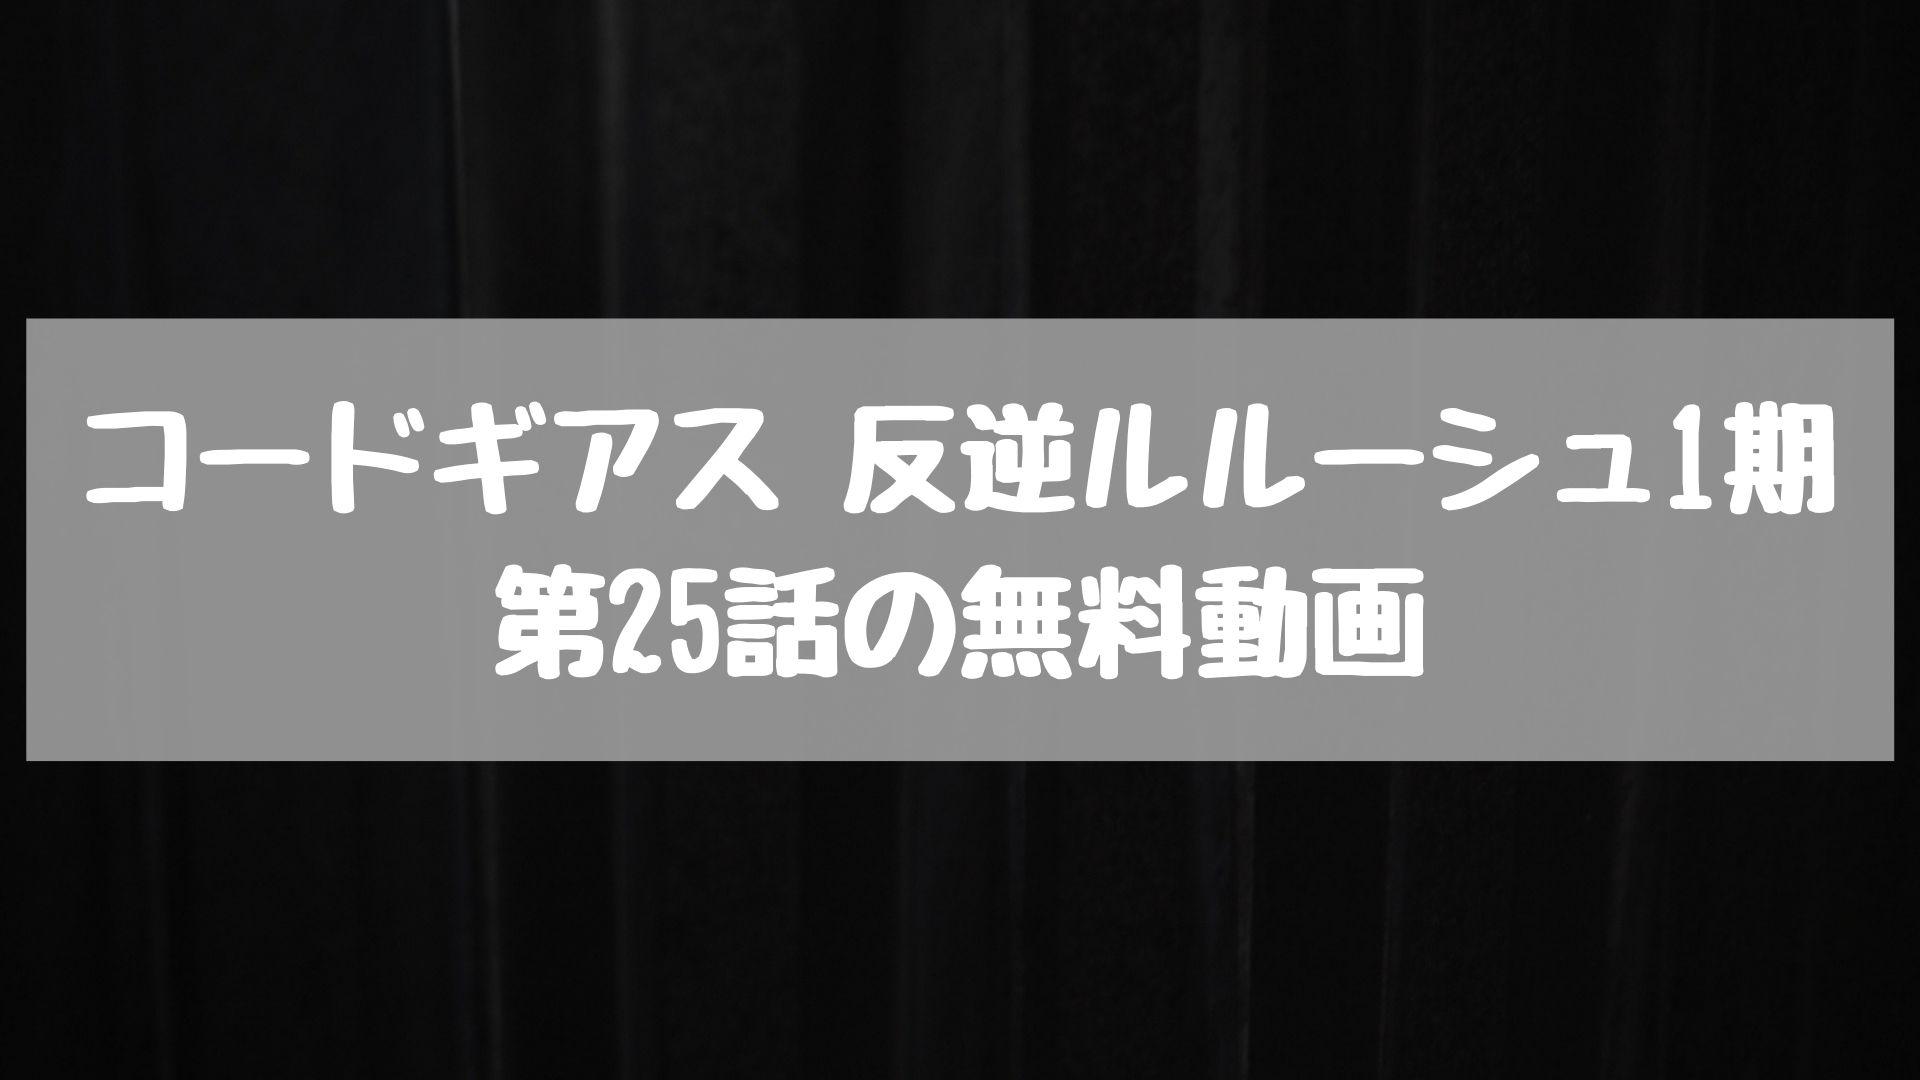 コードギアス 反逆ルルーシュ1期 第25話の無料動画